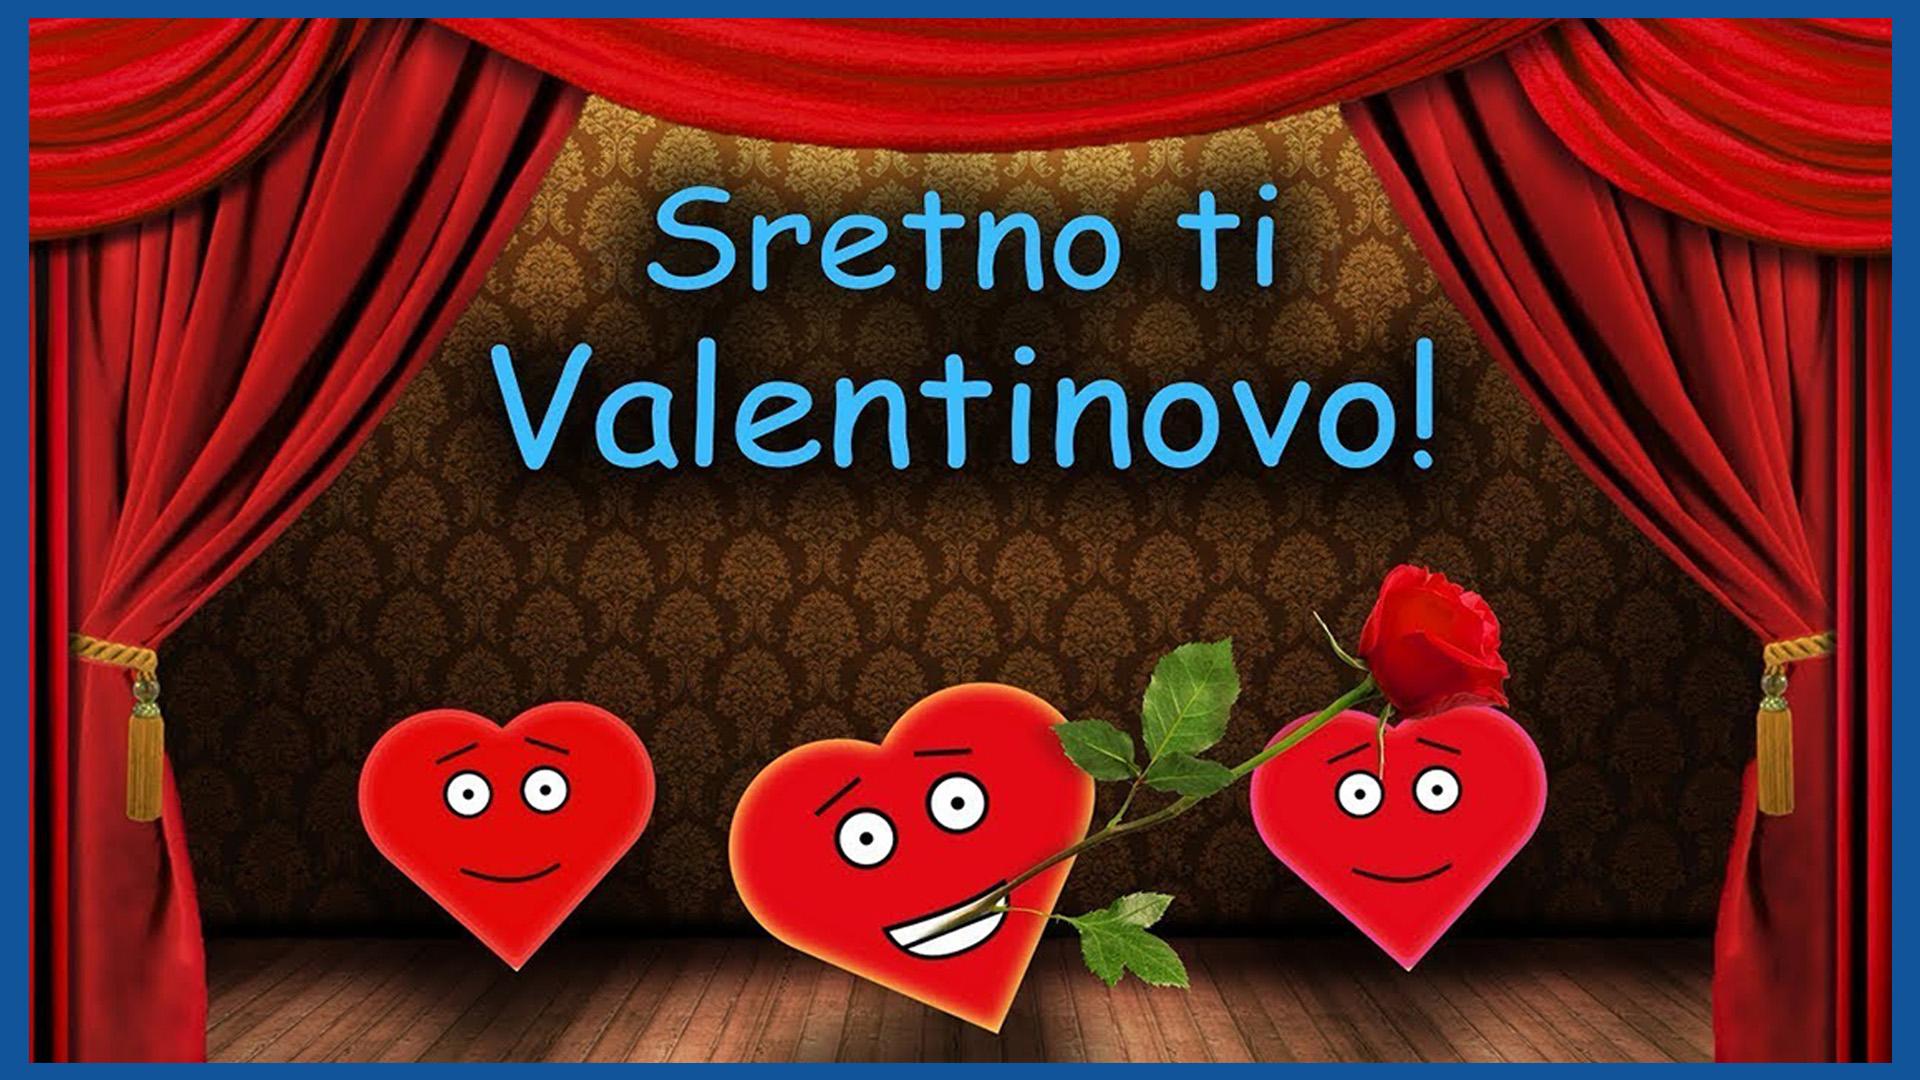 valentinovo stihovi